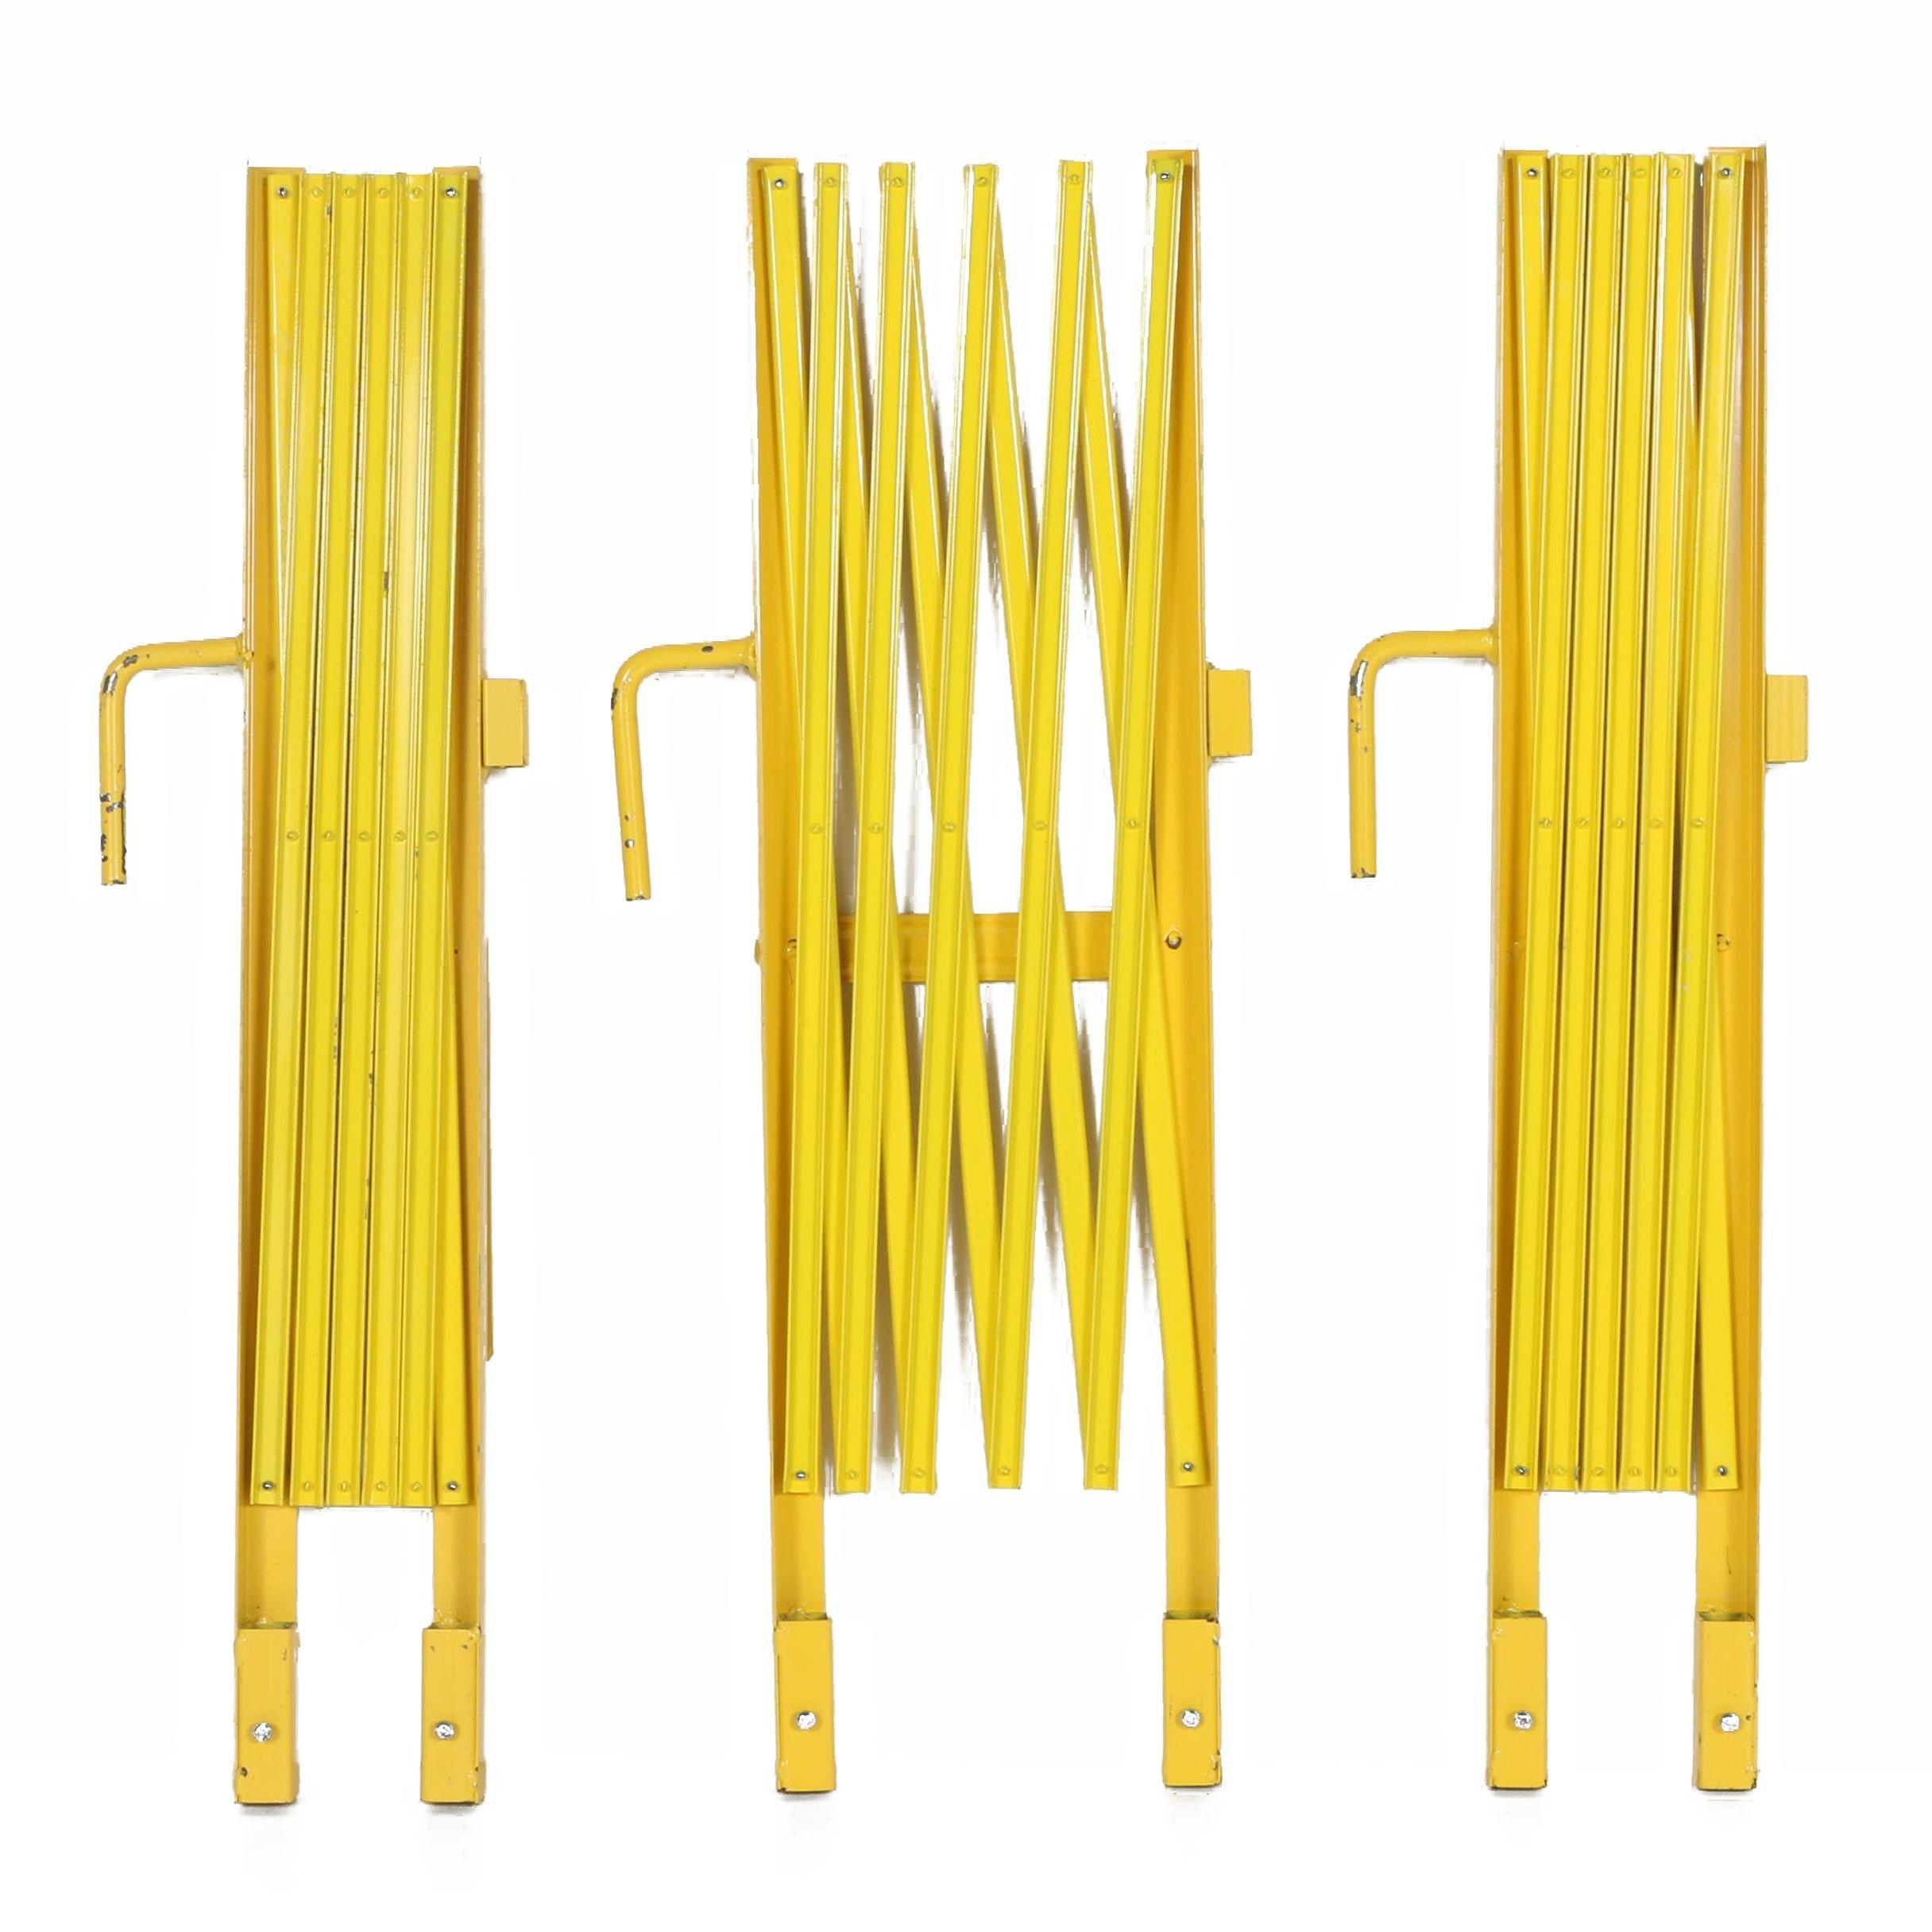 Yellow Collapsible Metal Gates